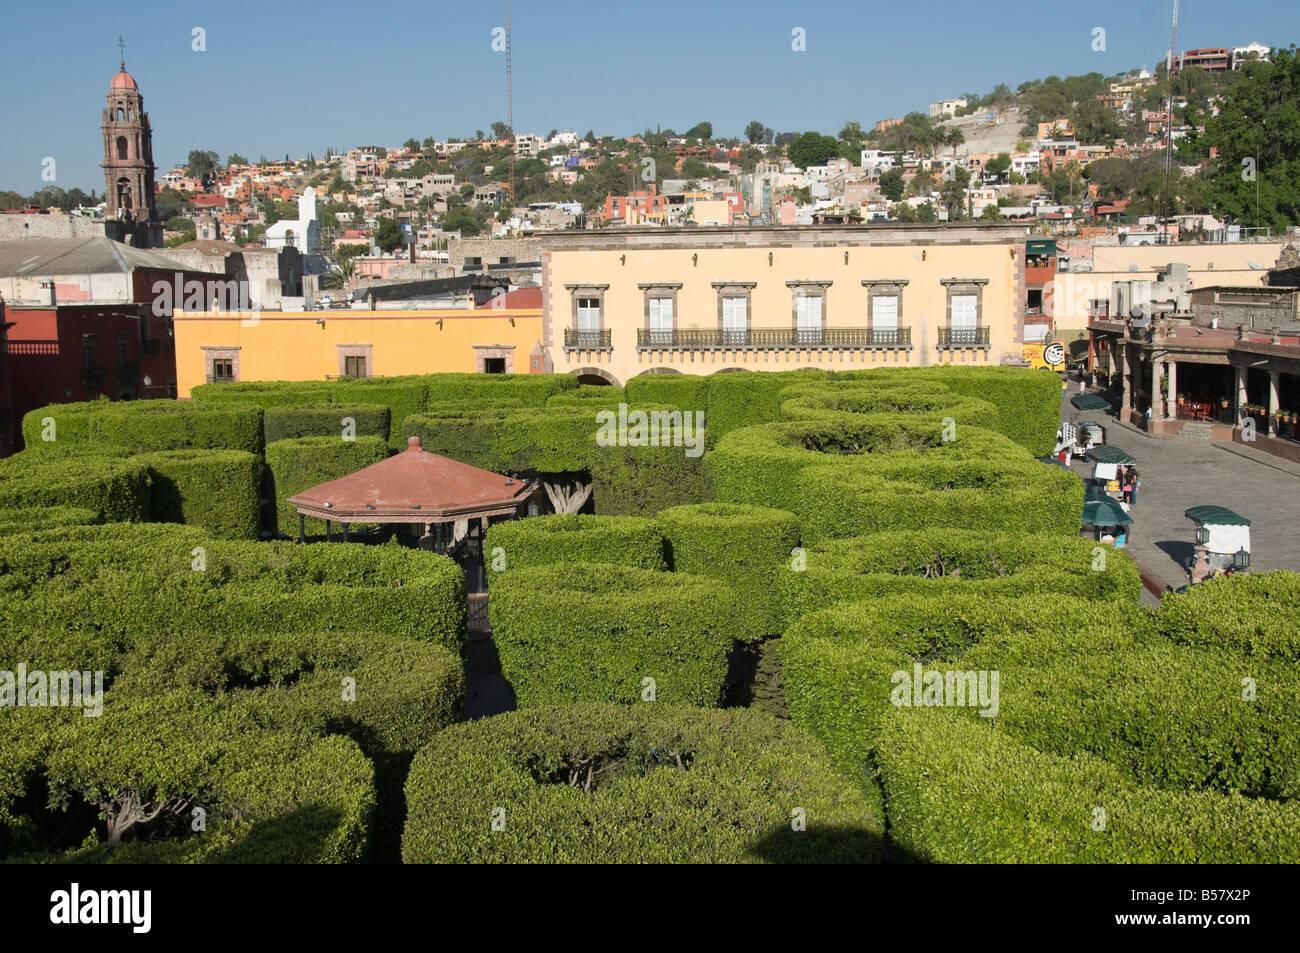 Jardin Principal, San Miguel de Allende (San Miguel), Guanajuato State, Mexico, North America - Stock Image